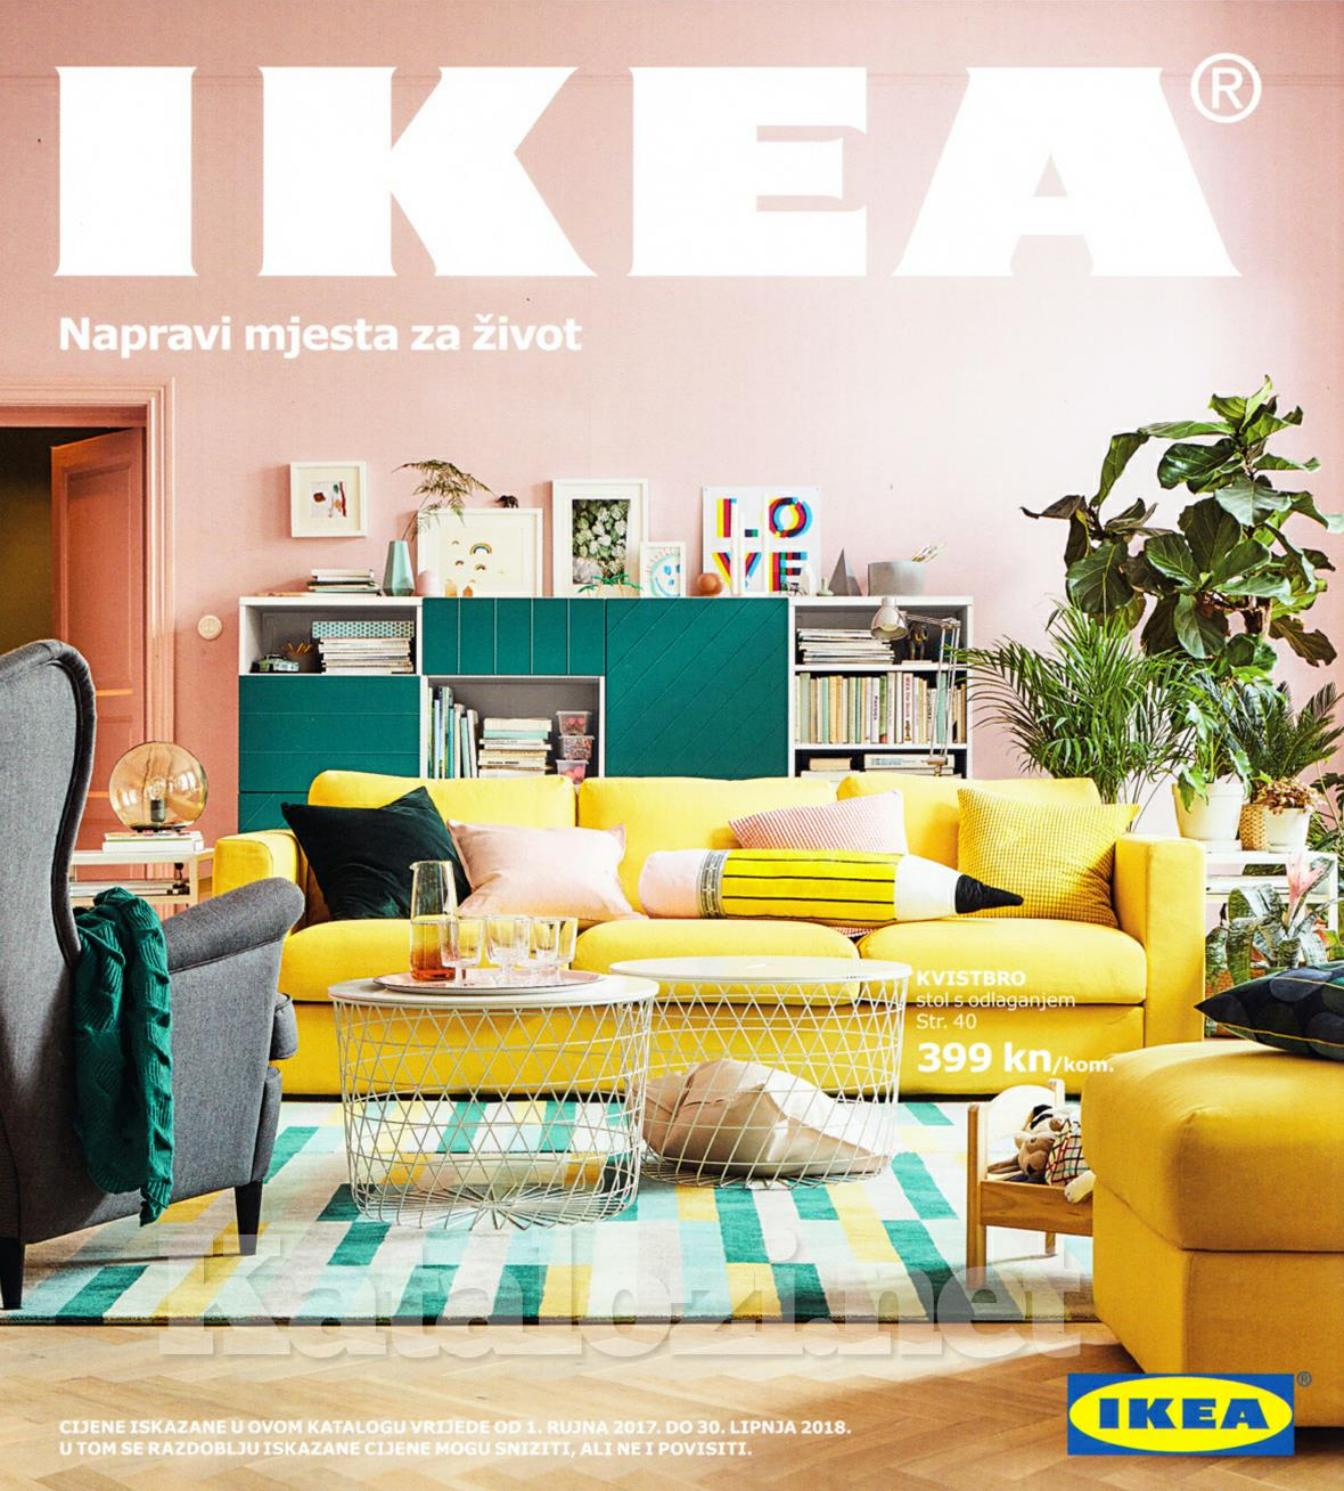 ikea jouluruoka 2018 Ikea 2018 by katalozi.  issuu ikea jouluruoka 2018